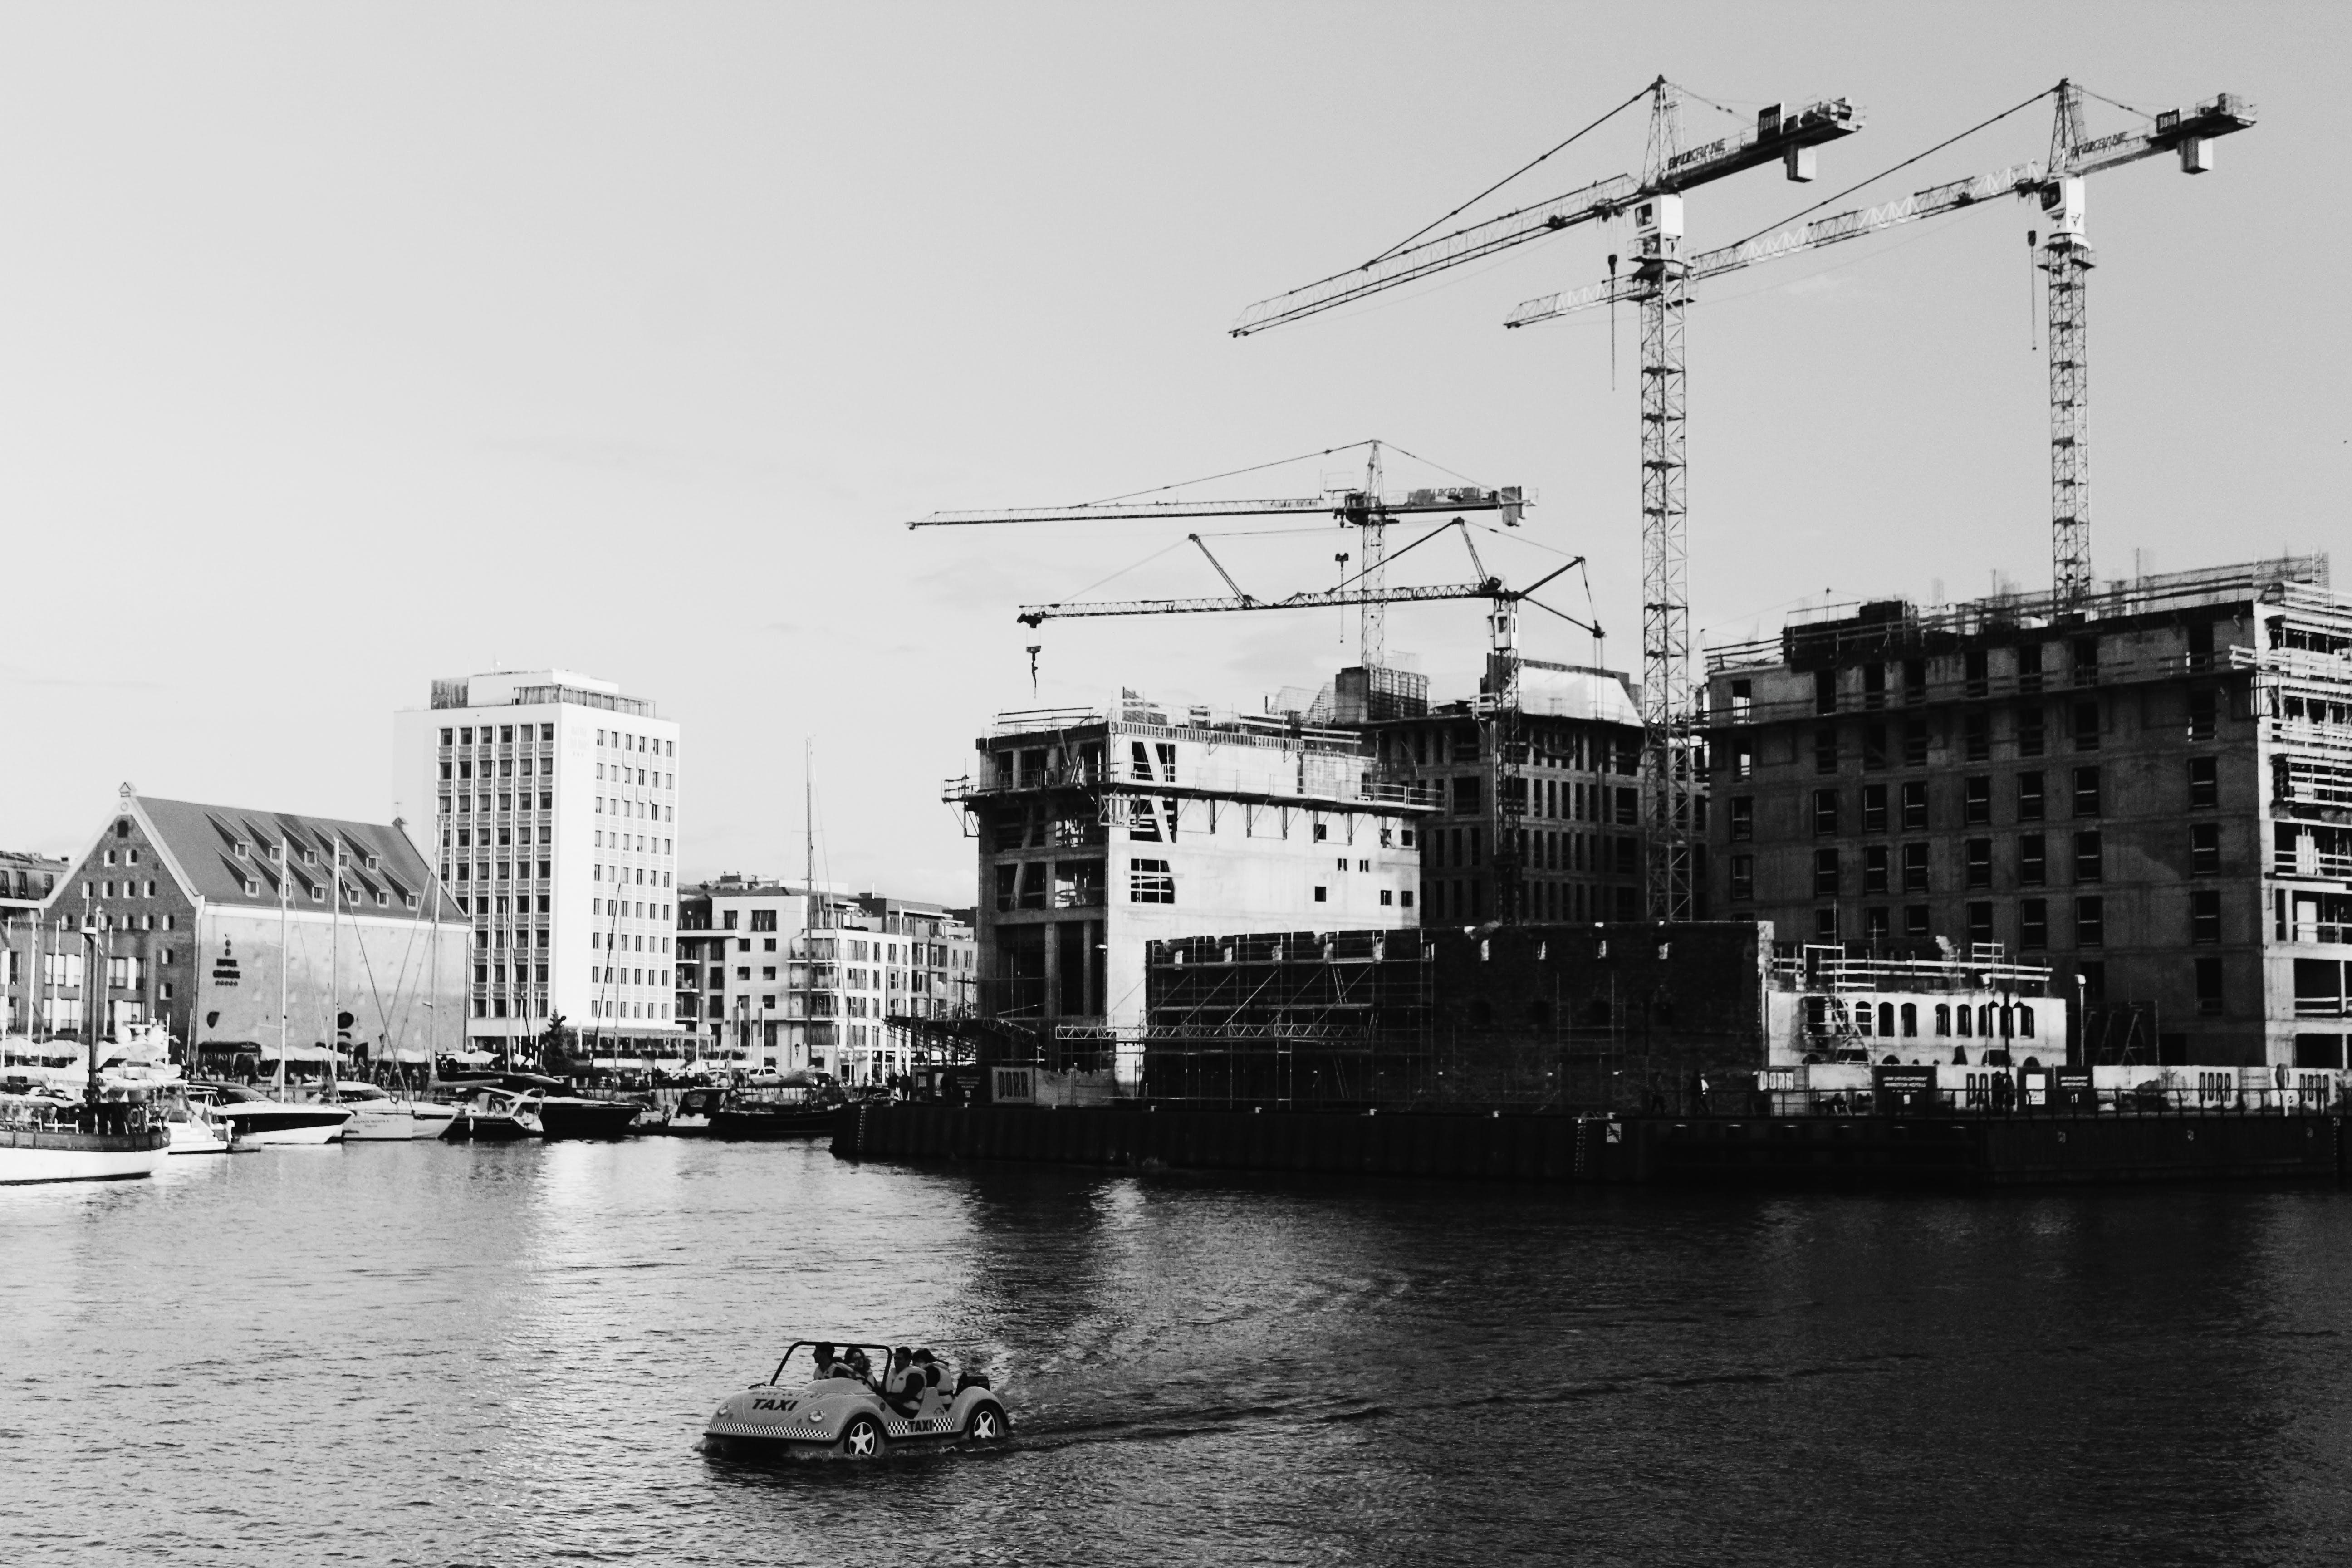 交通系統, 城市, 天空, 工地 的 免費圖庫相片